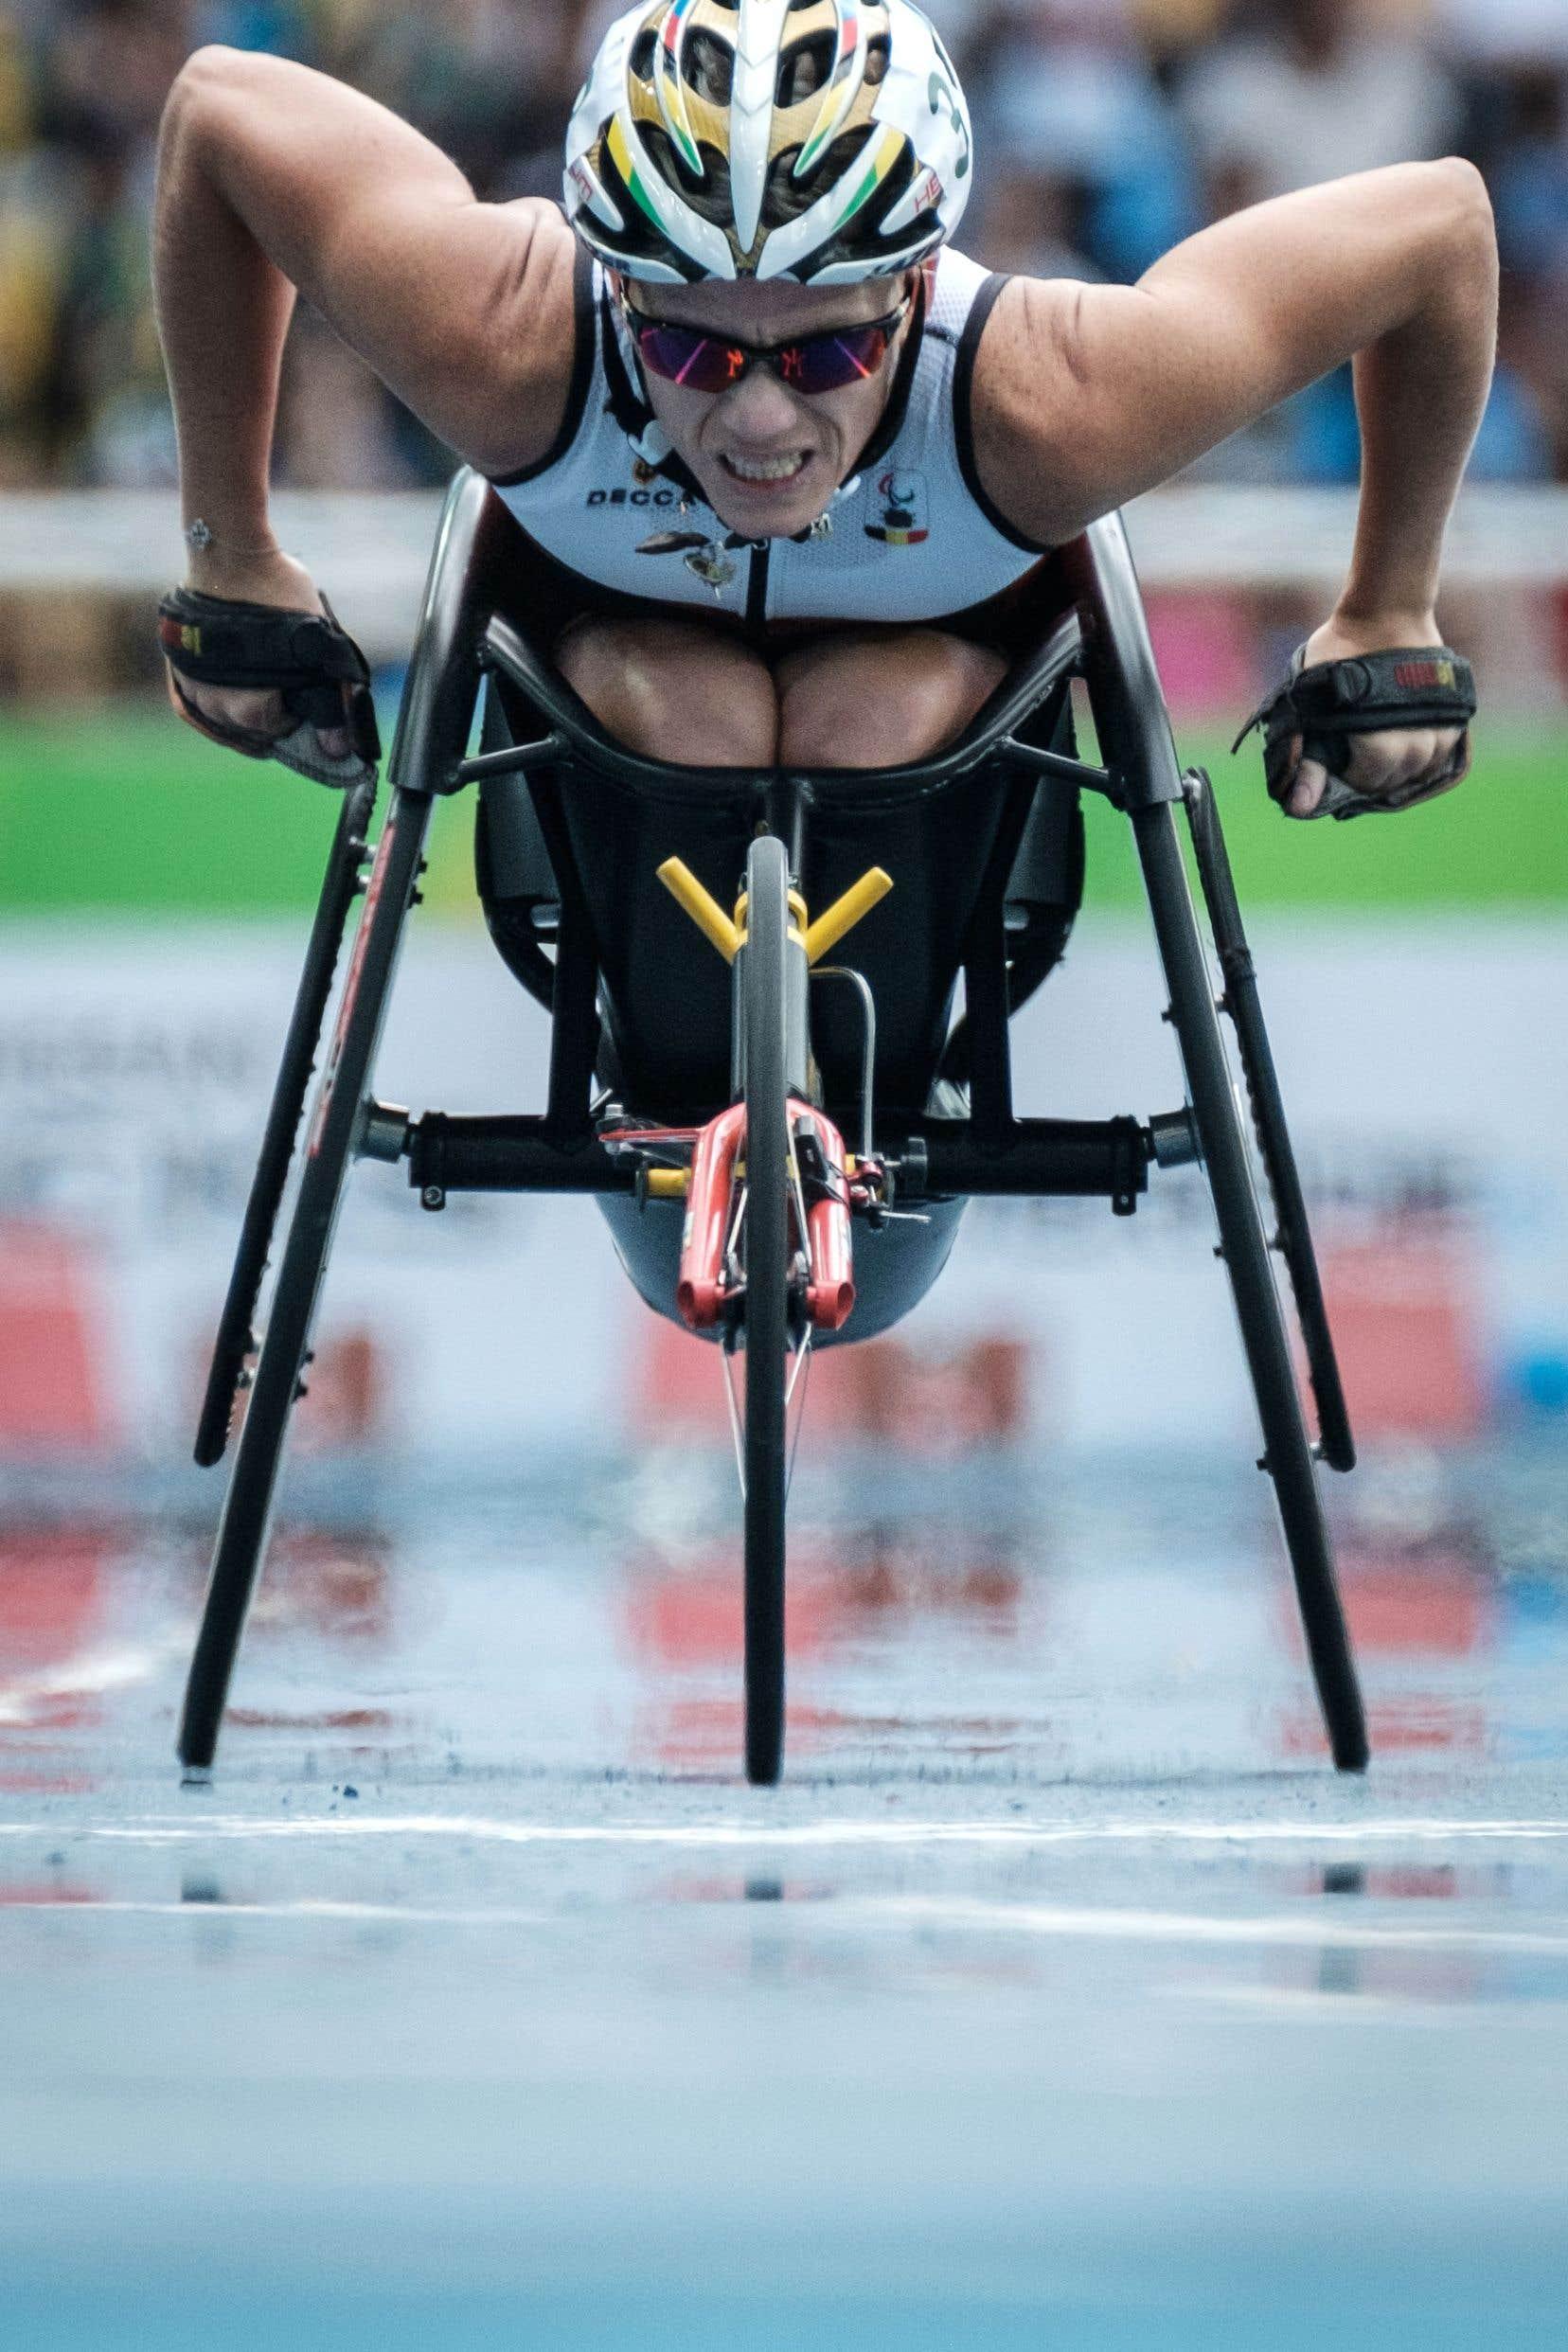 Atteinte d'une forme de paralysie progressive de la moelle épinière, l'athlète avait décidé dès 2008 de remplir des papiers lui permettant d'avoir recours à l'euthanasie au moment de son choix.